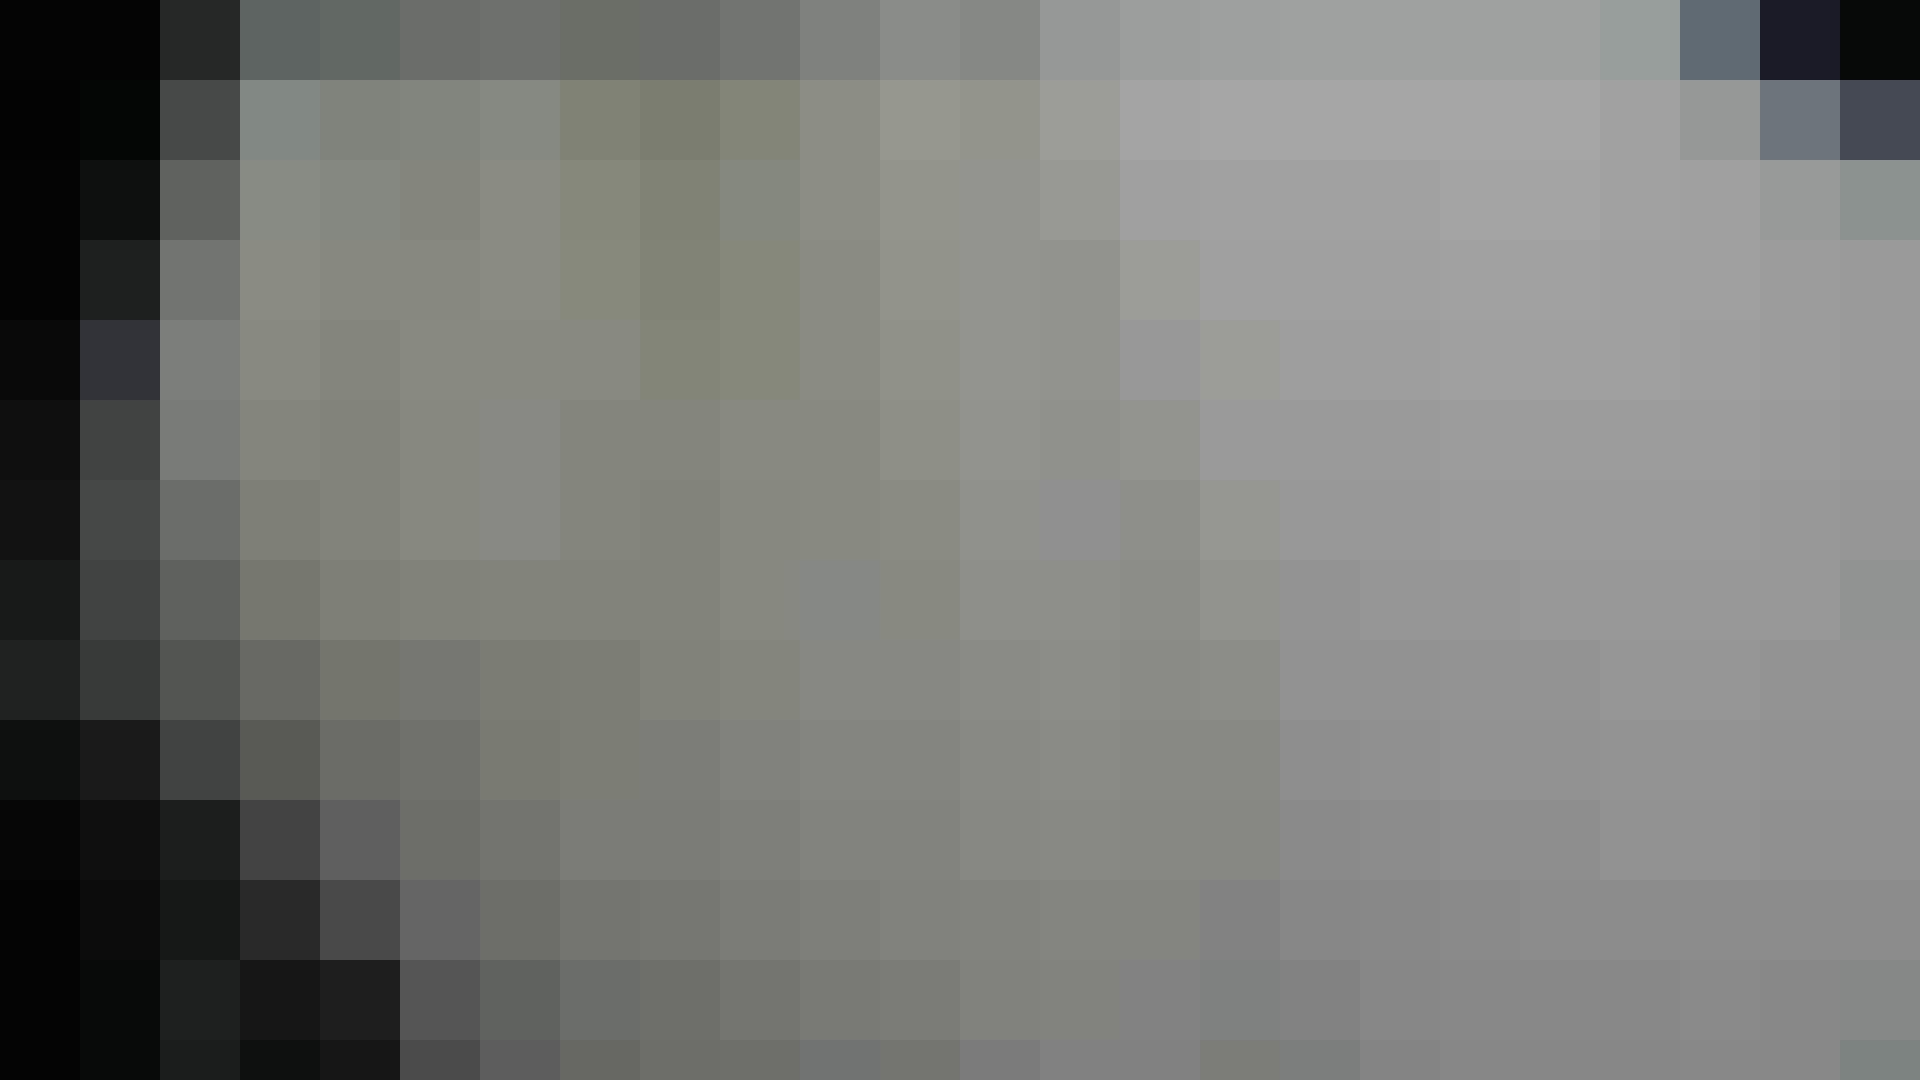 【美しき個室な世界】 vol.017 (゜∀゜) OLの実態  24pic 20